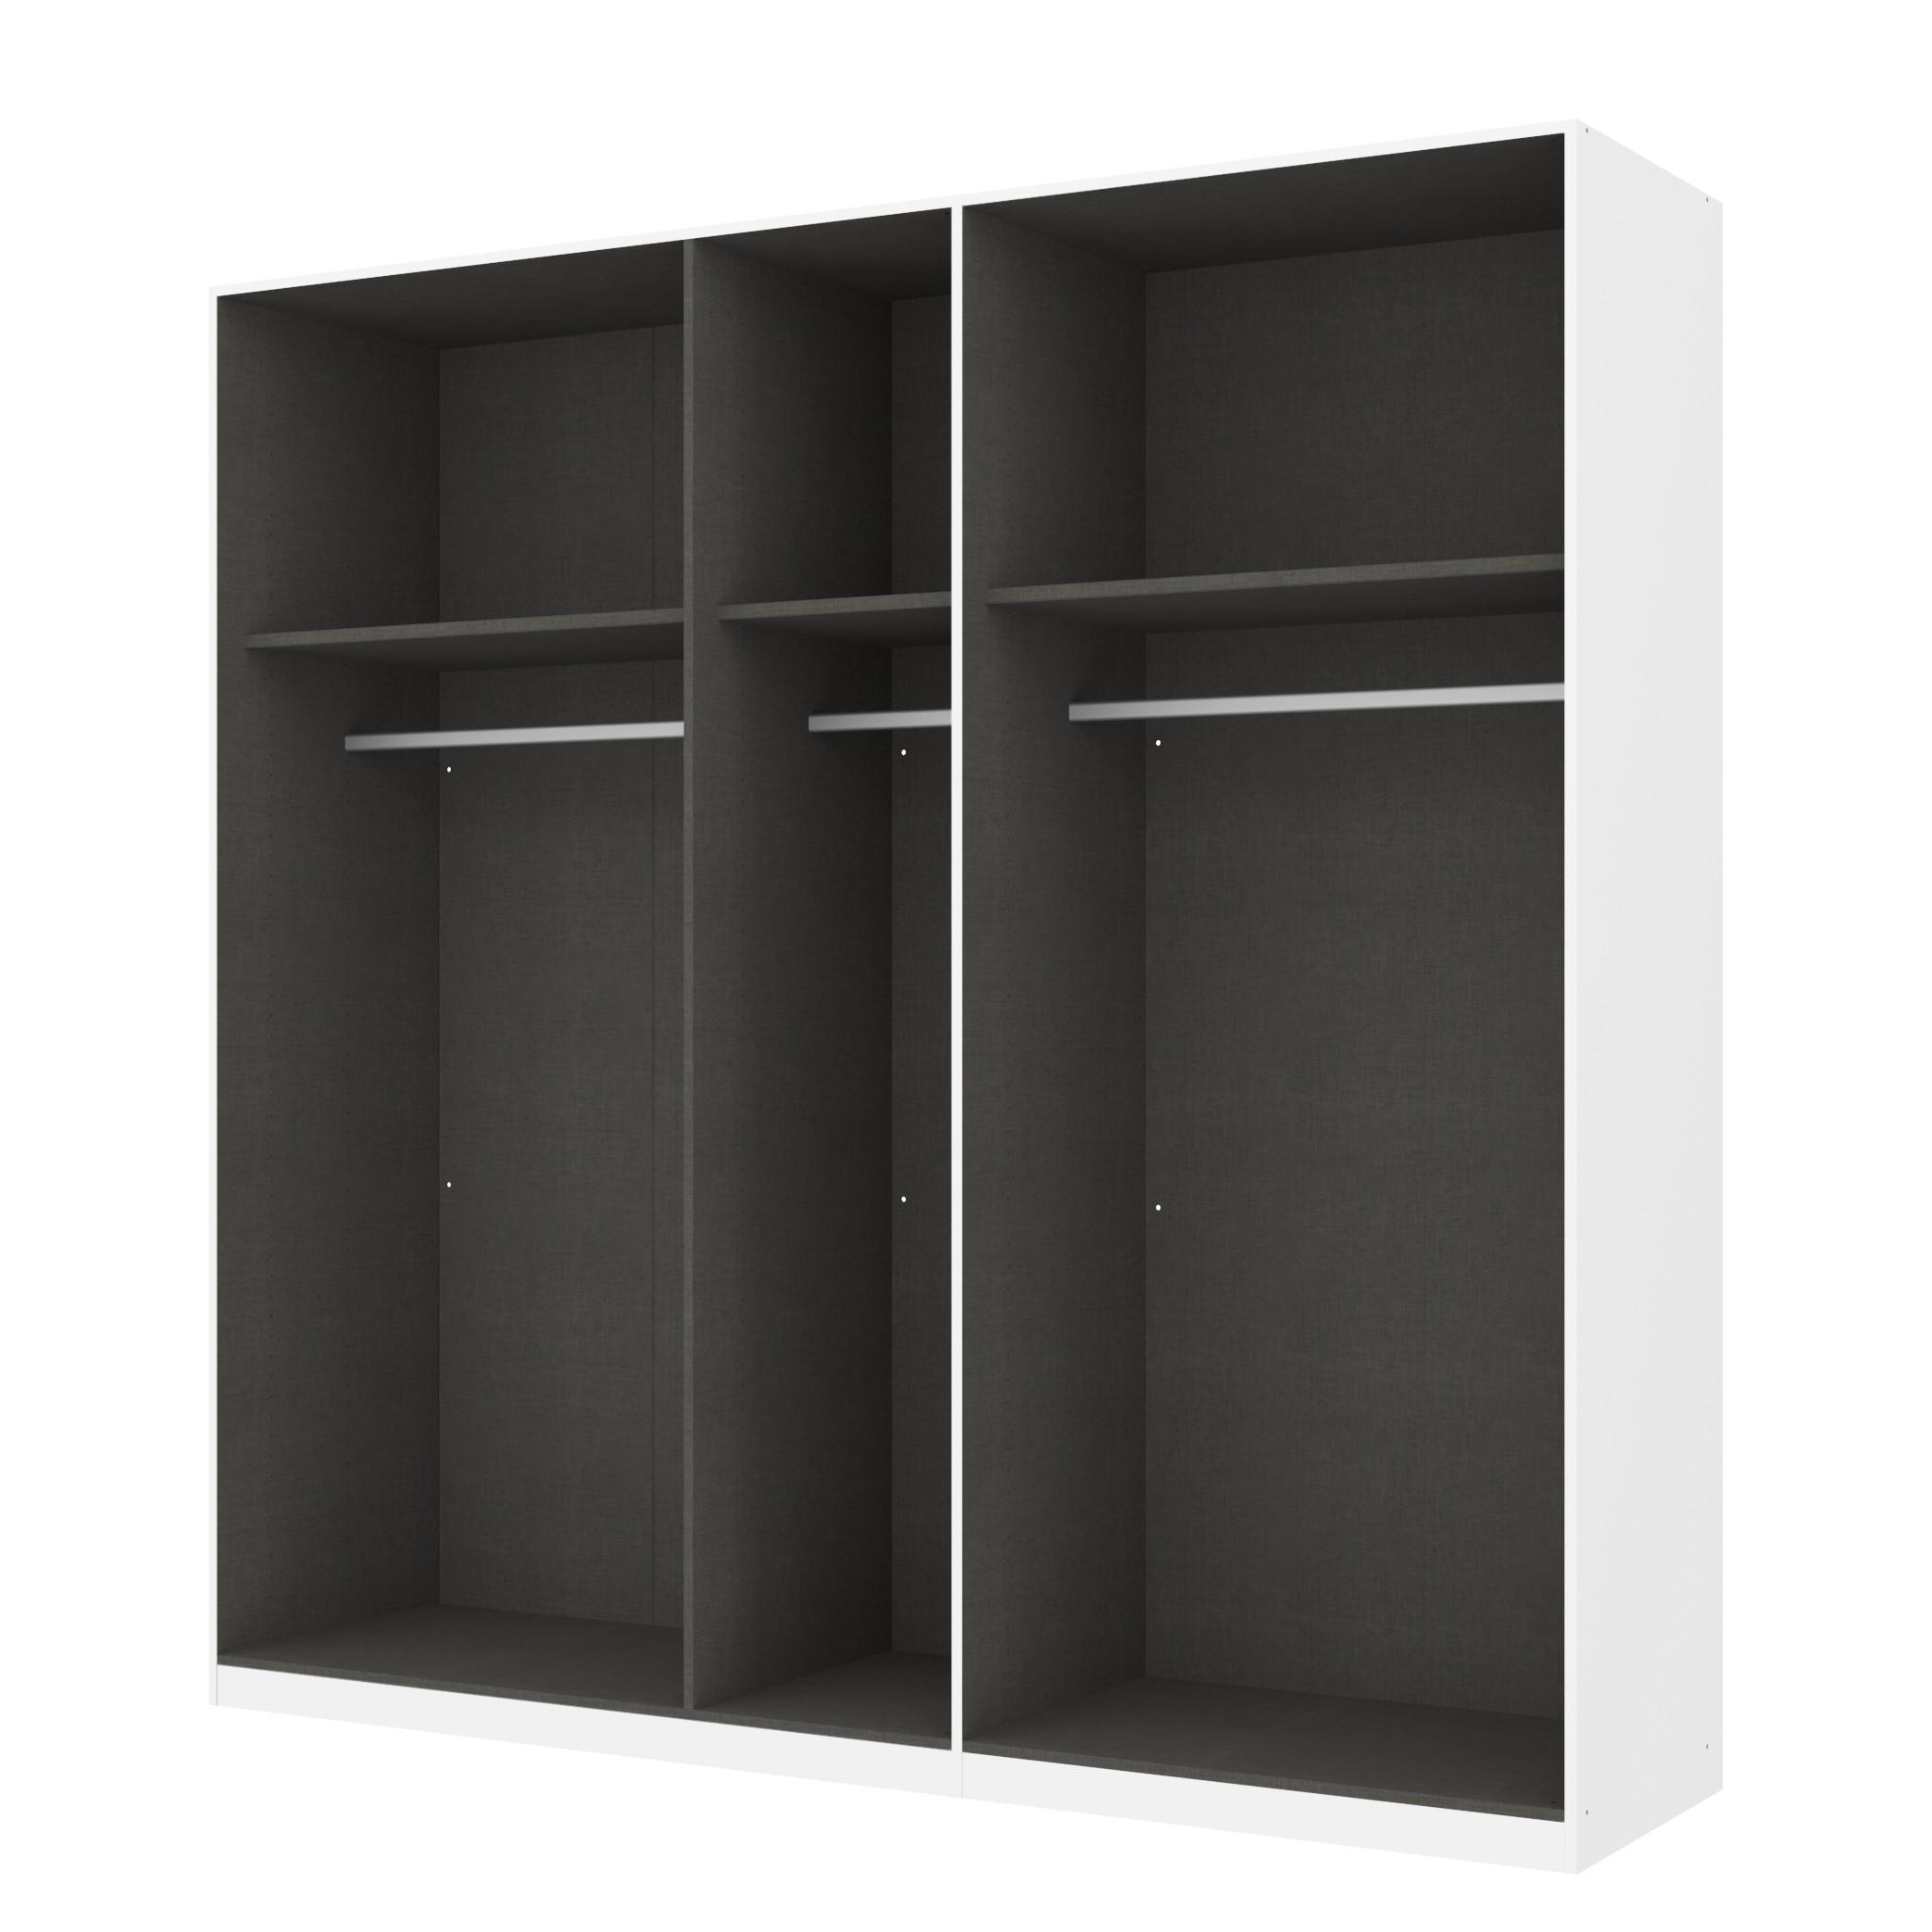 Kleiderschrank SKØP – Alpinweiß/ Offen – 225 cm (5-türig) – 222 cm – Premium, SKØP günstig kaufen